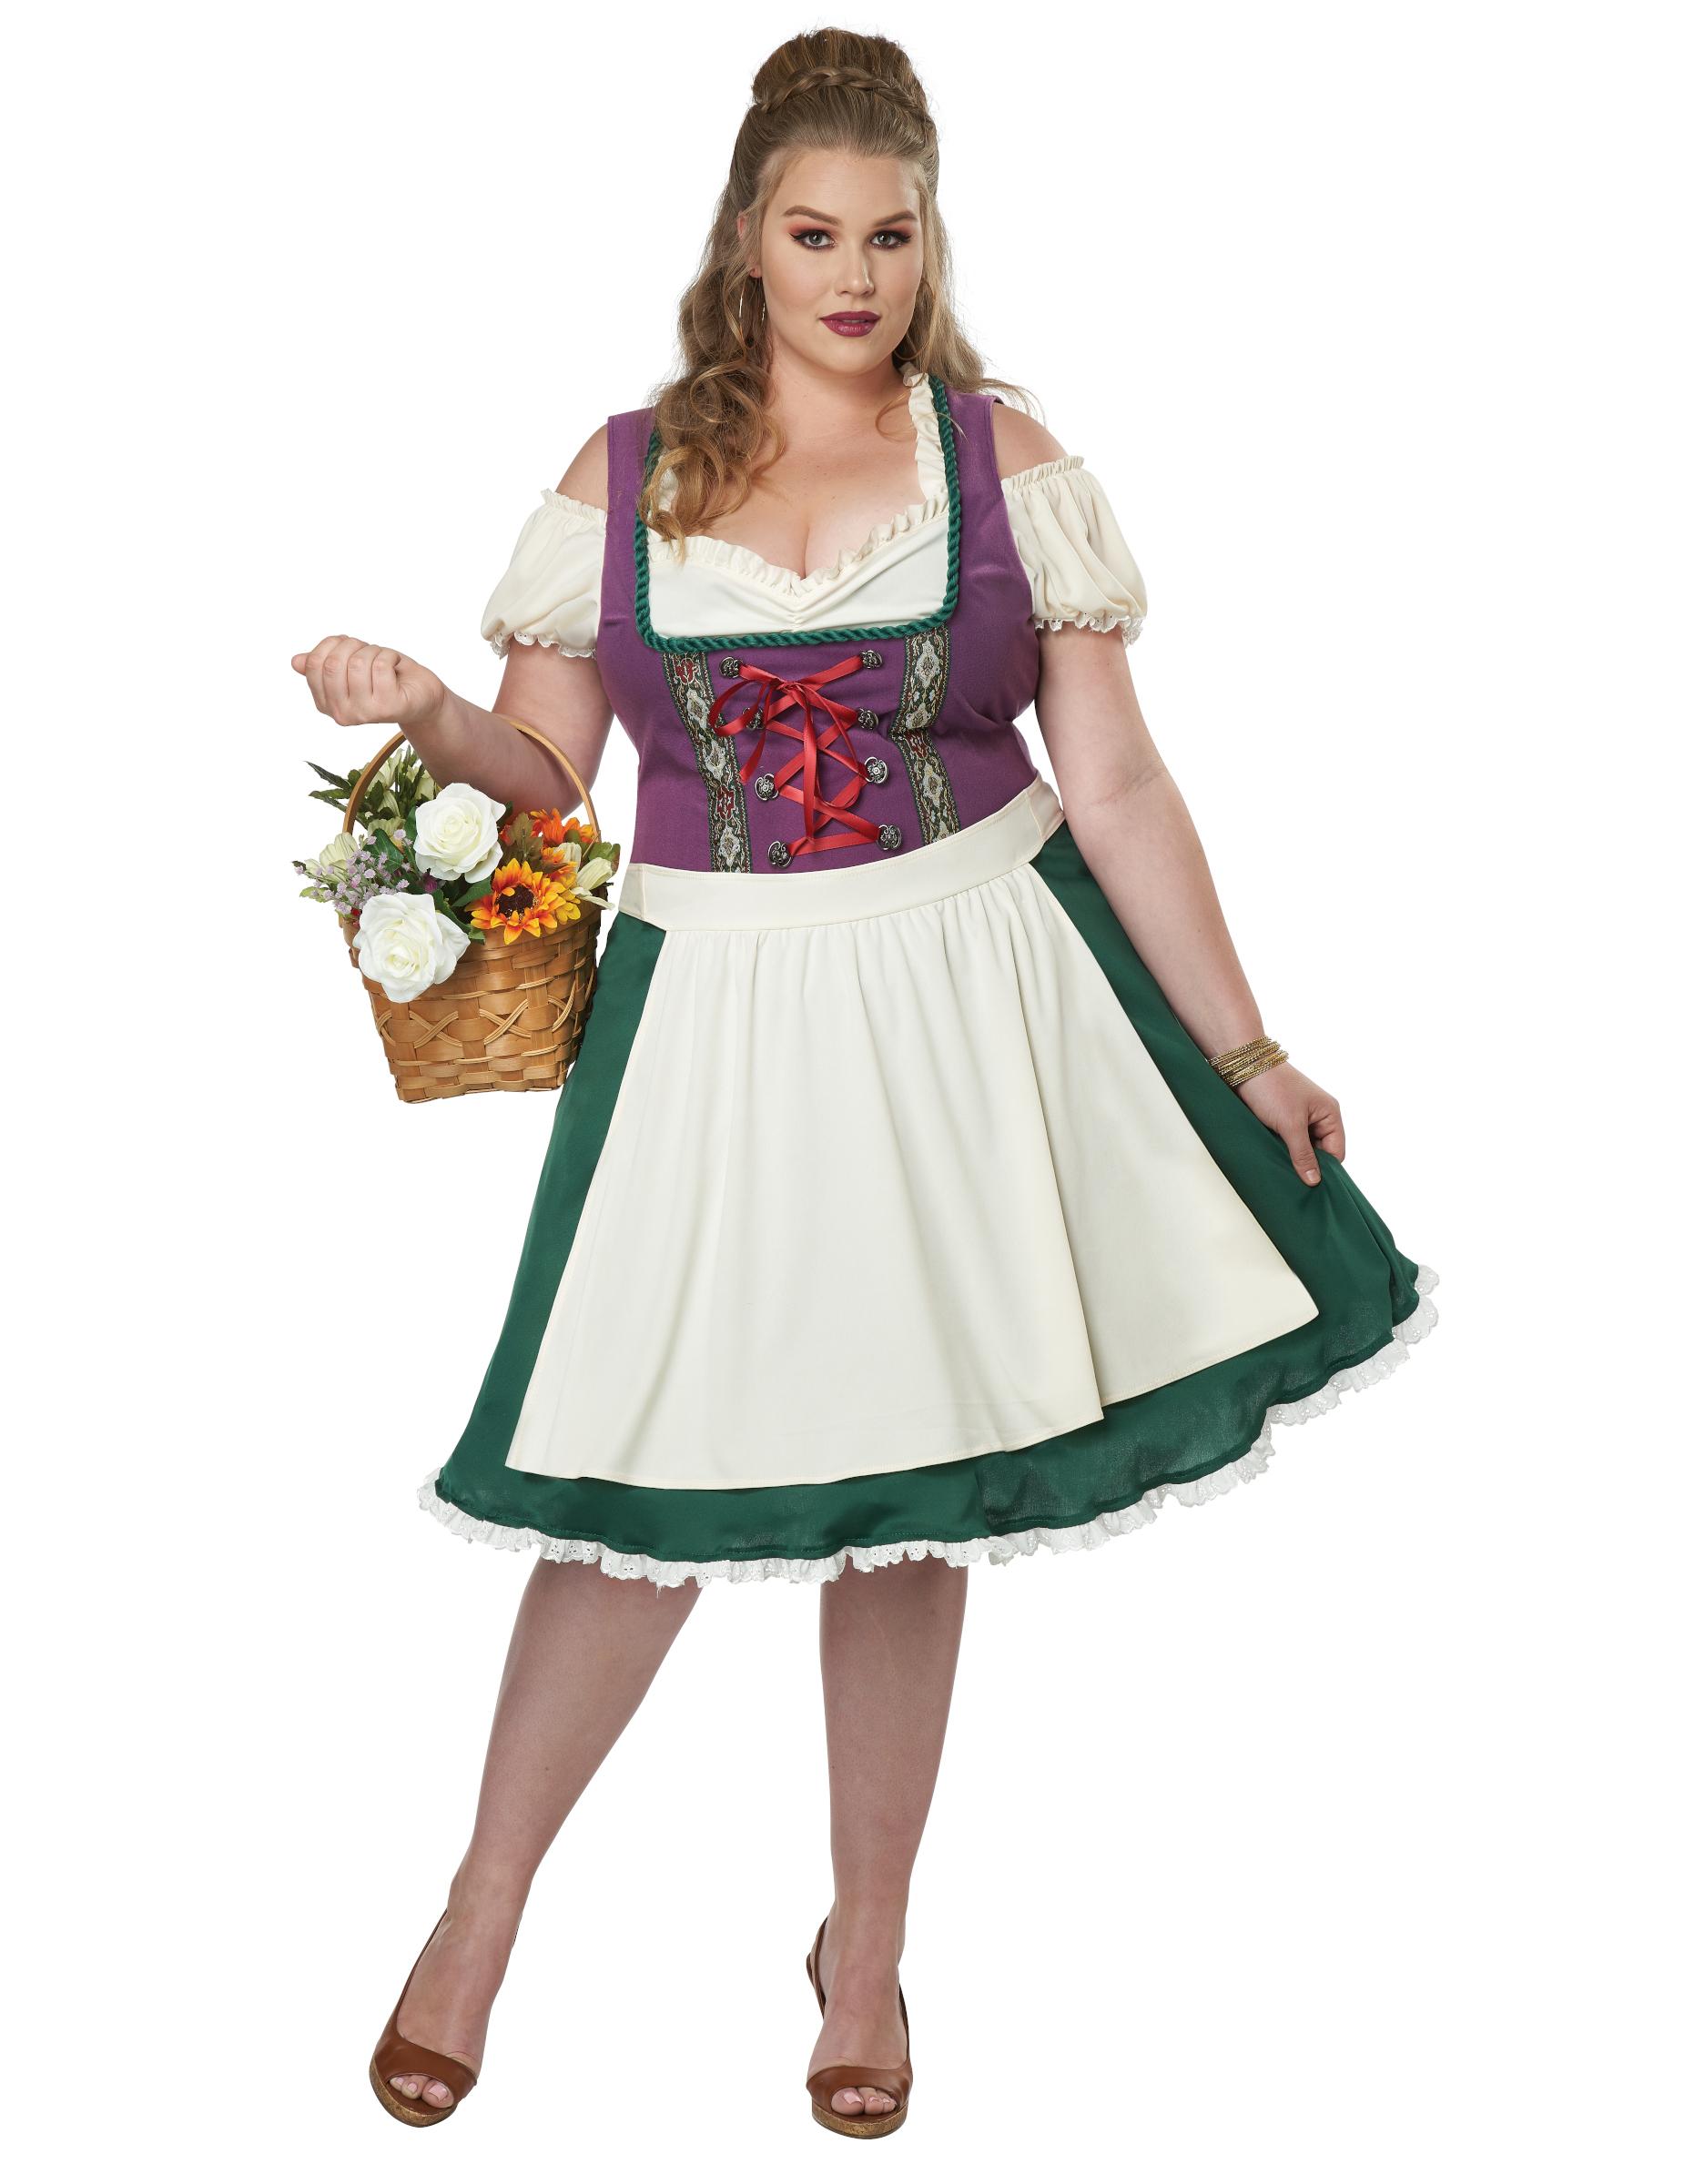 Størrelser tyroler tøj store Tyroler tøj